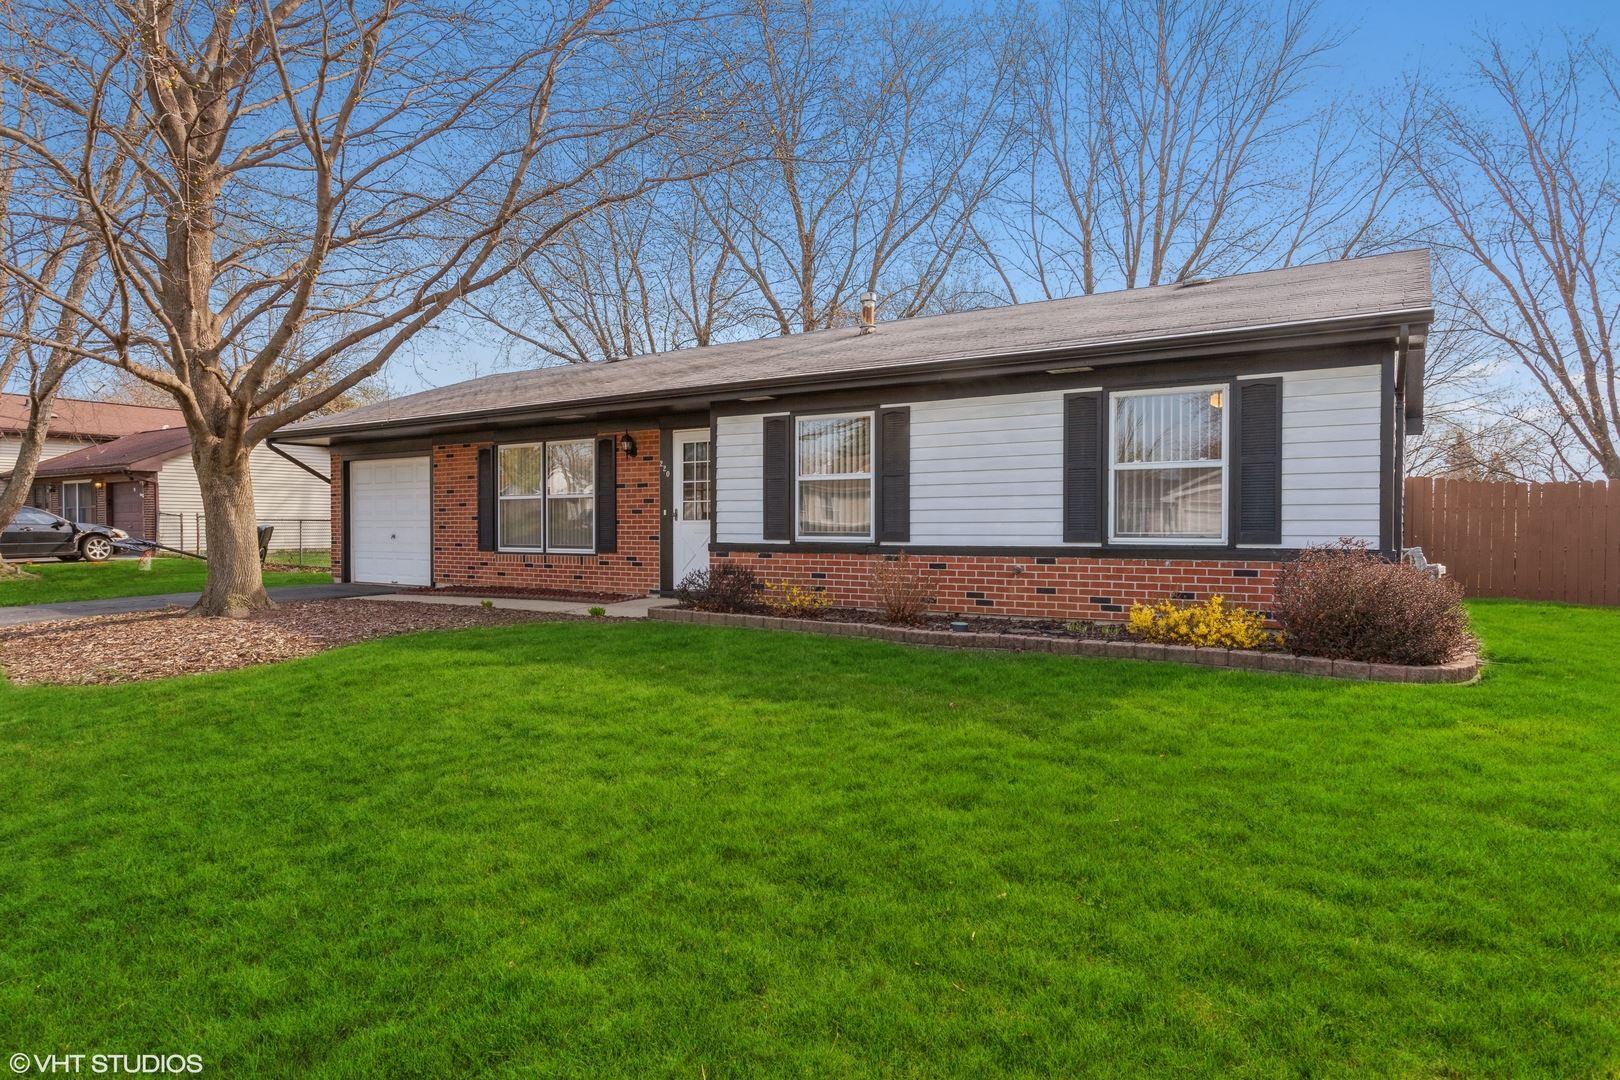 Photo of 220 Gettysburg Drive, Bolingbrook, IL 60440 (MLS # 11046247)